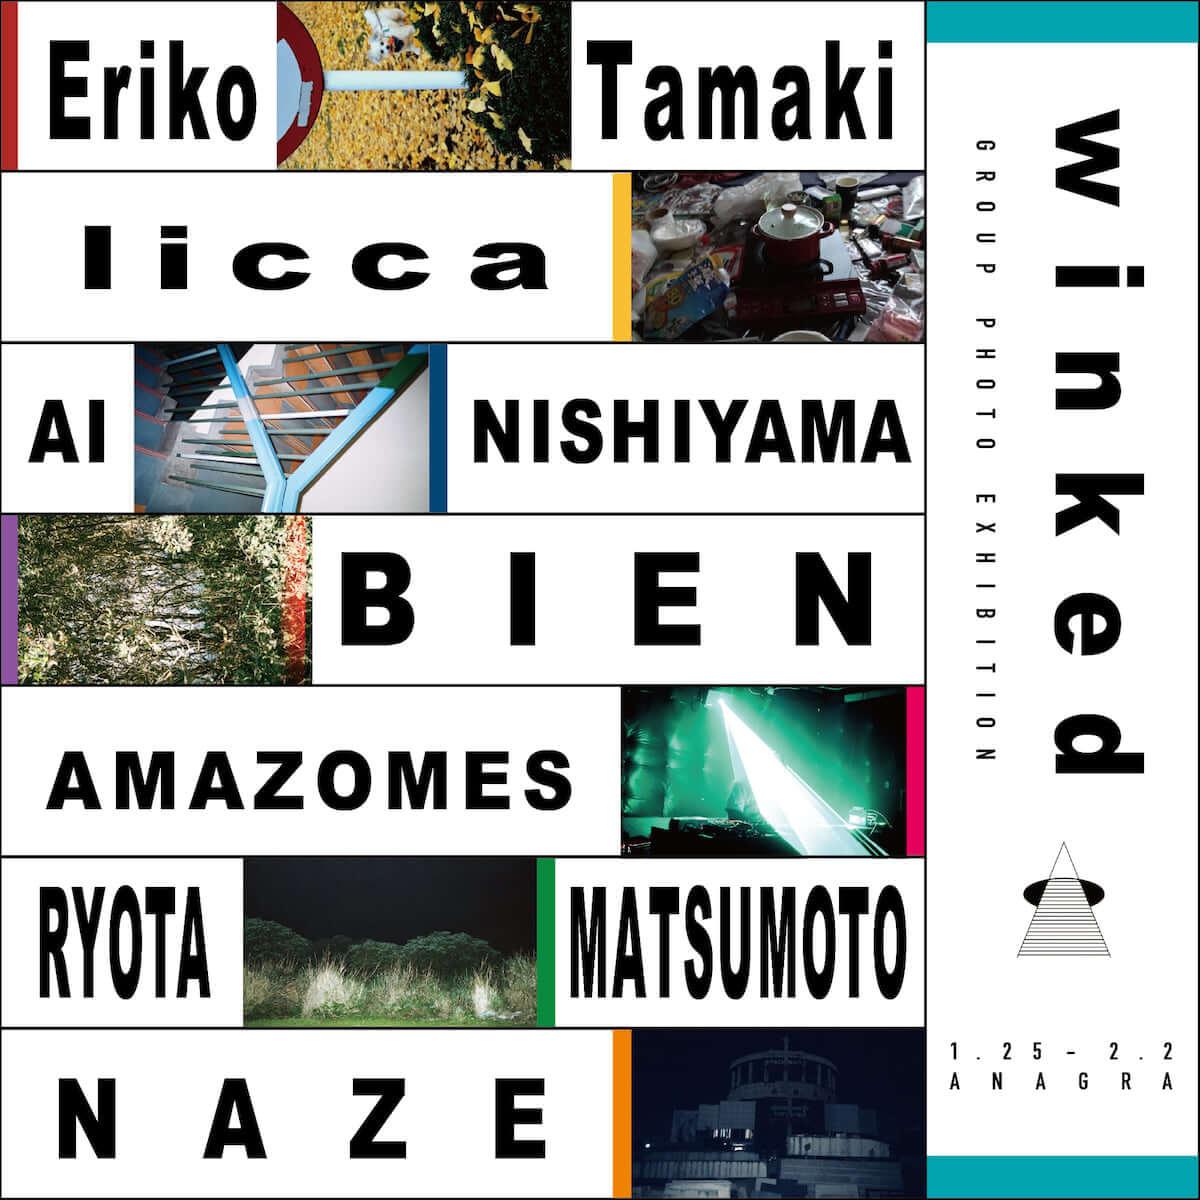 写真家ではないアーティストによるグループ写真展「winked」がANAGRAにて開催 art-culture190124-winked-2-1200x1200